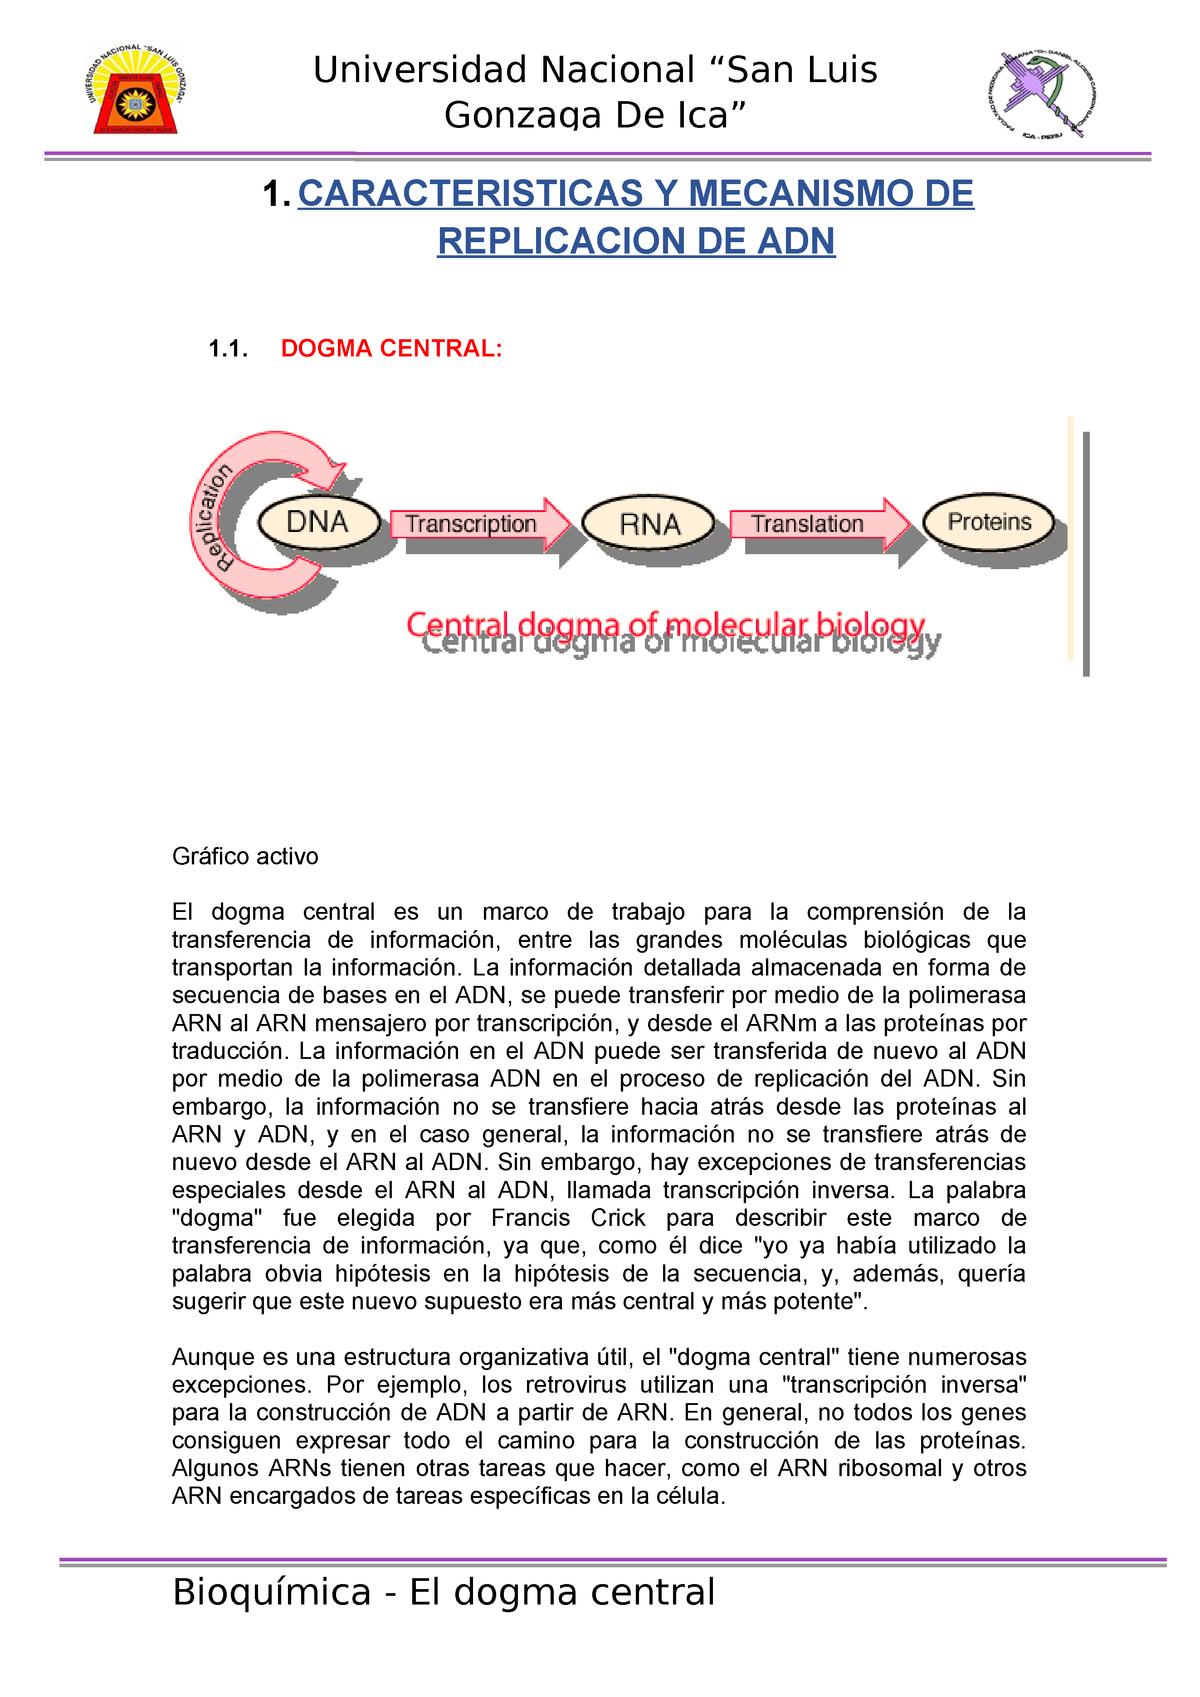 El Dogma Central Listo Medicina Humana Medicina Studocu